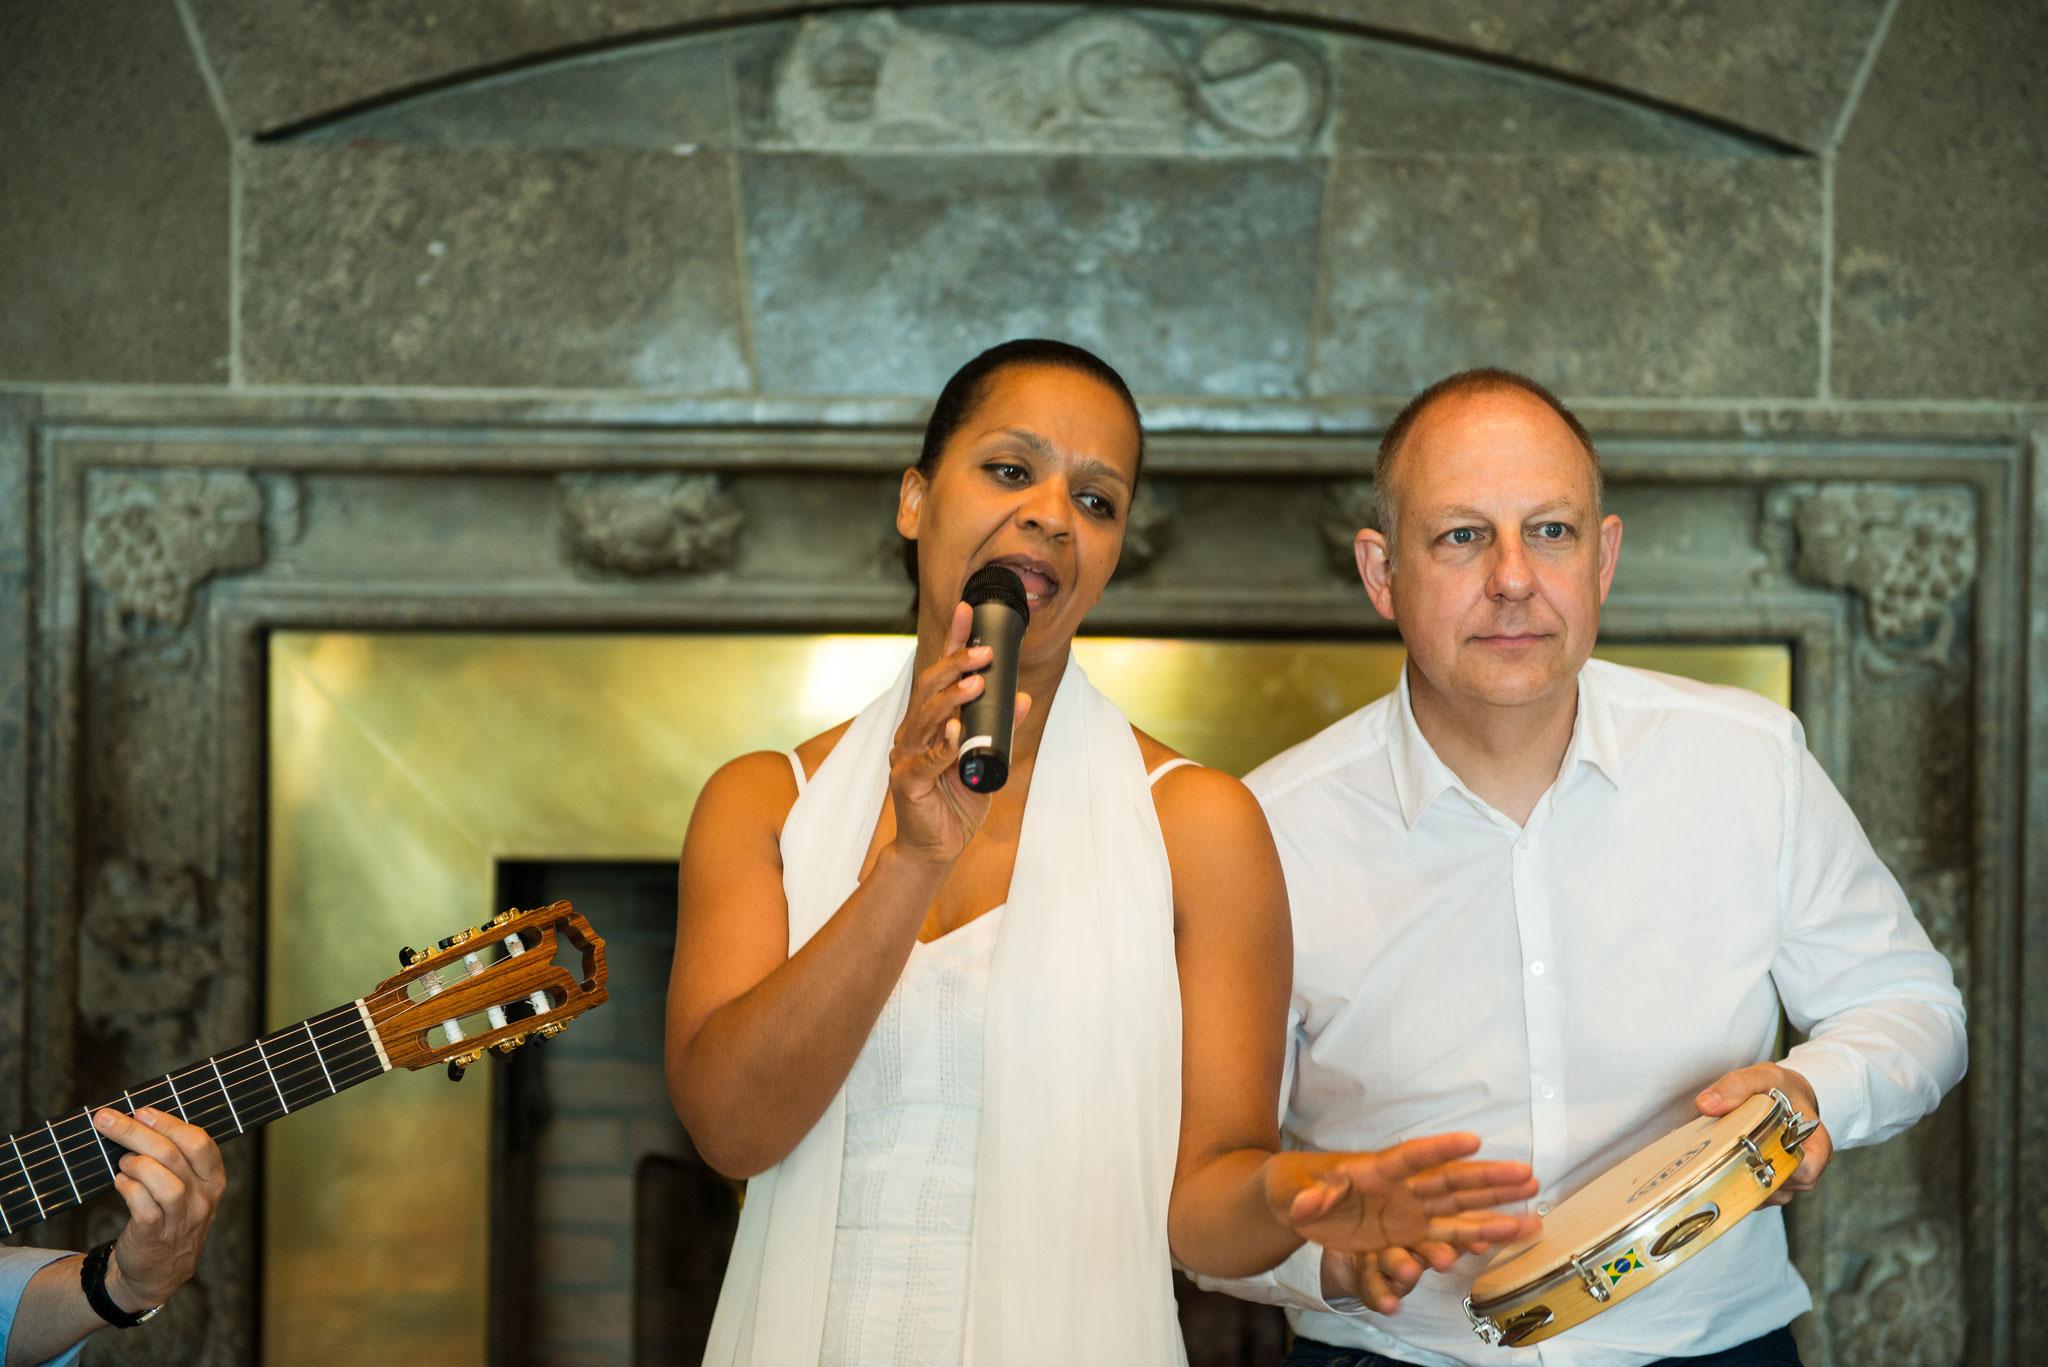 Felicia Touré (voc) - Jürgen Peiffer (perc)